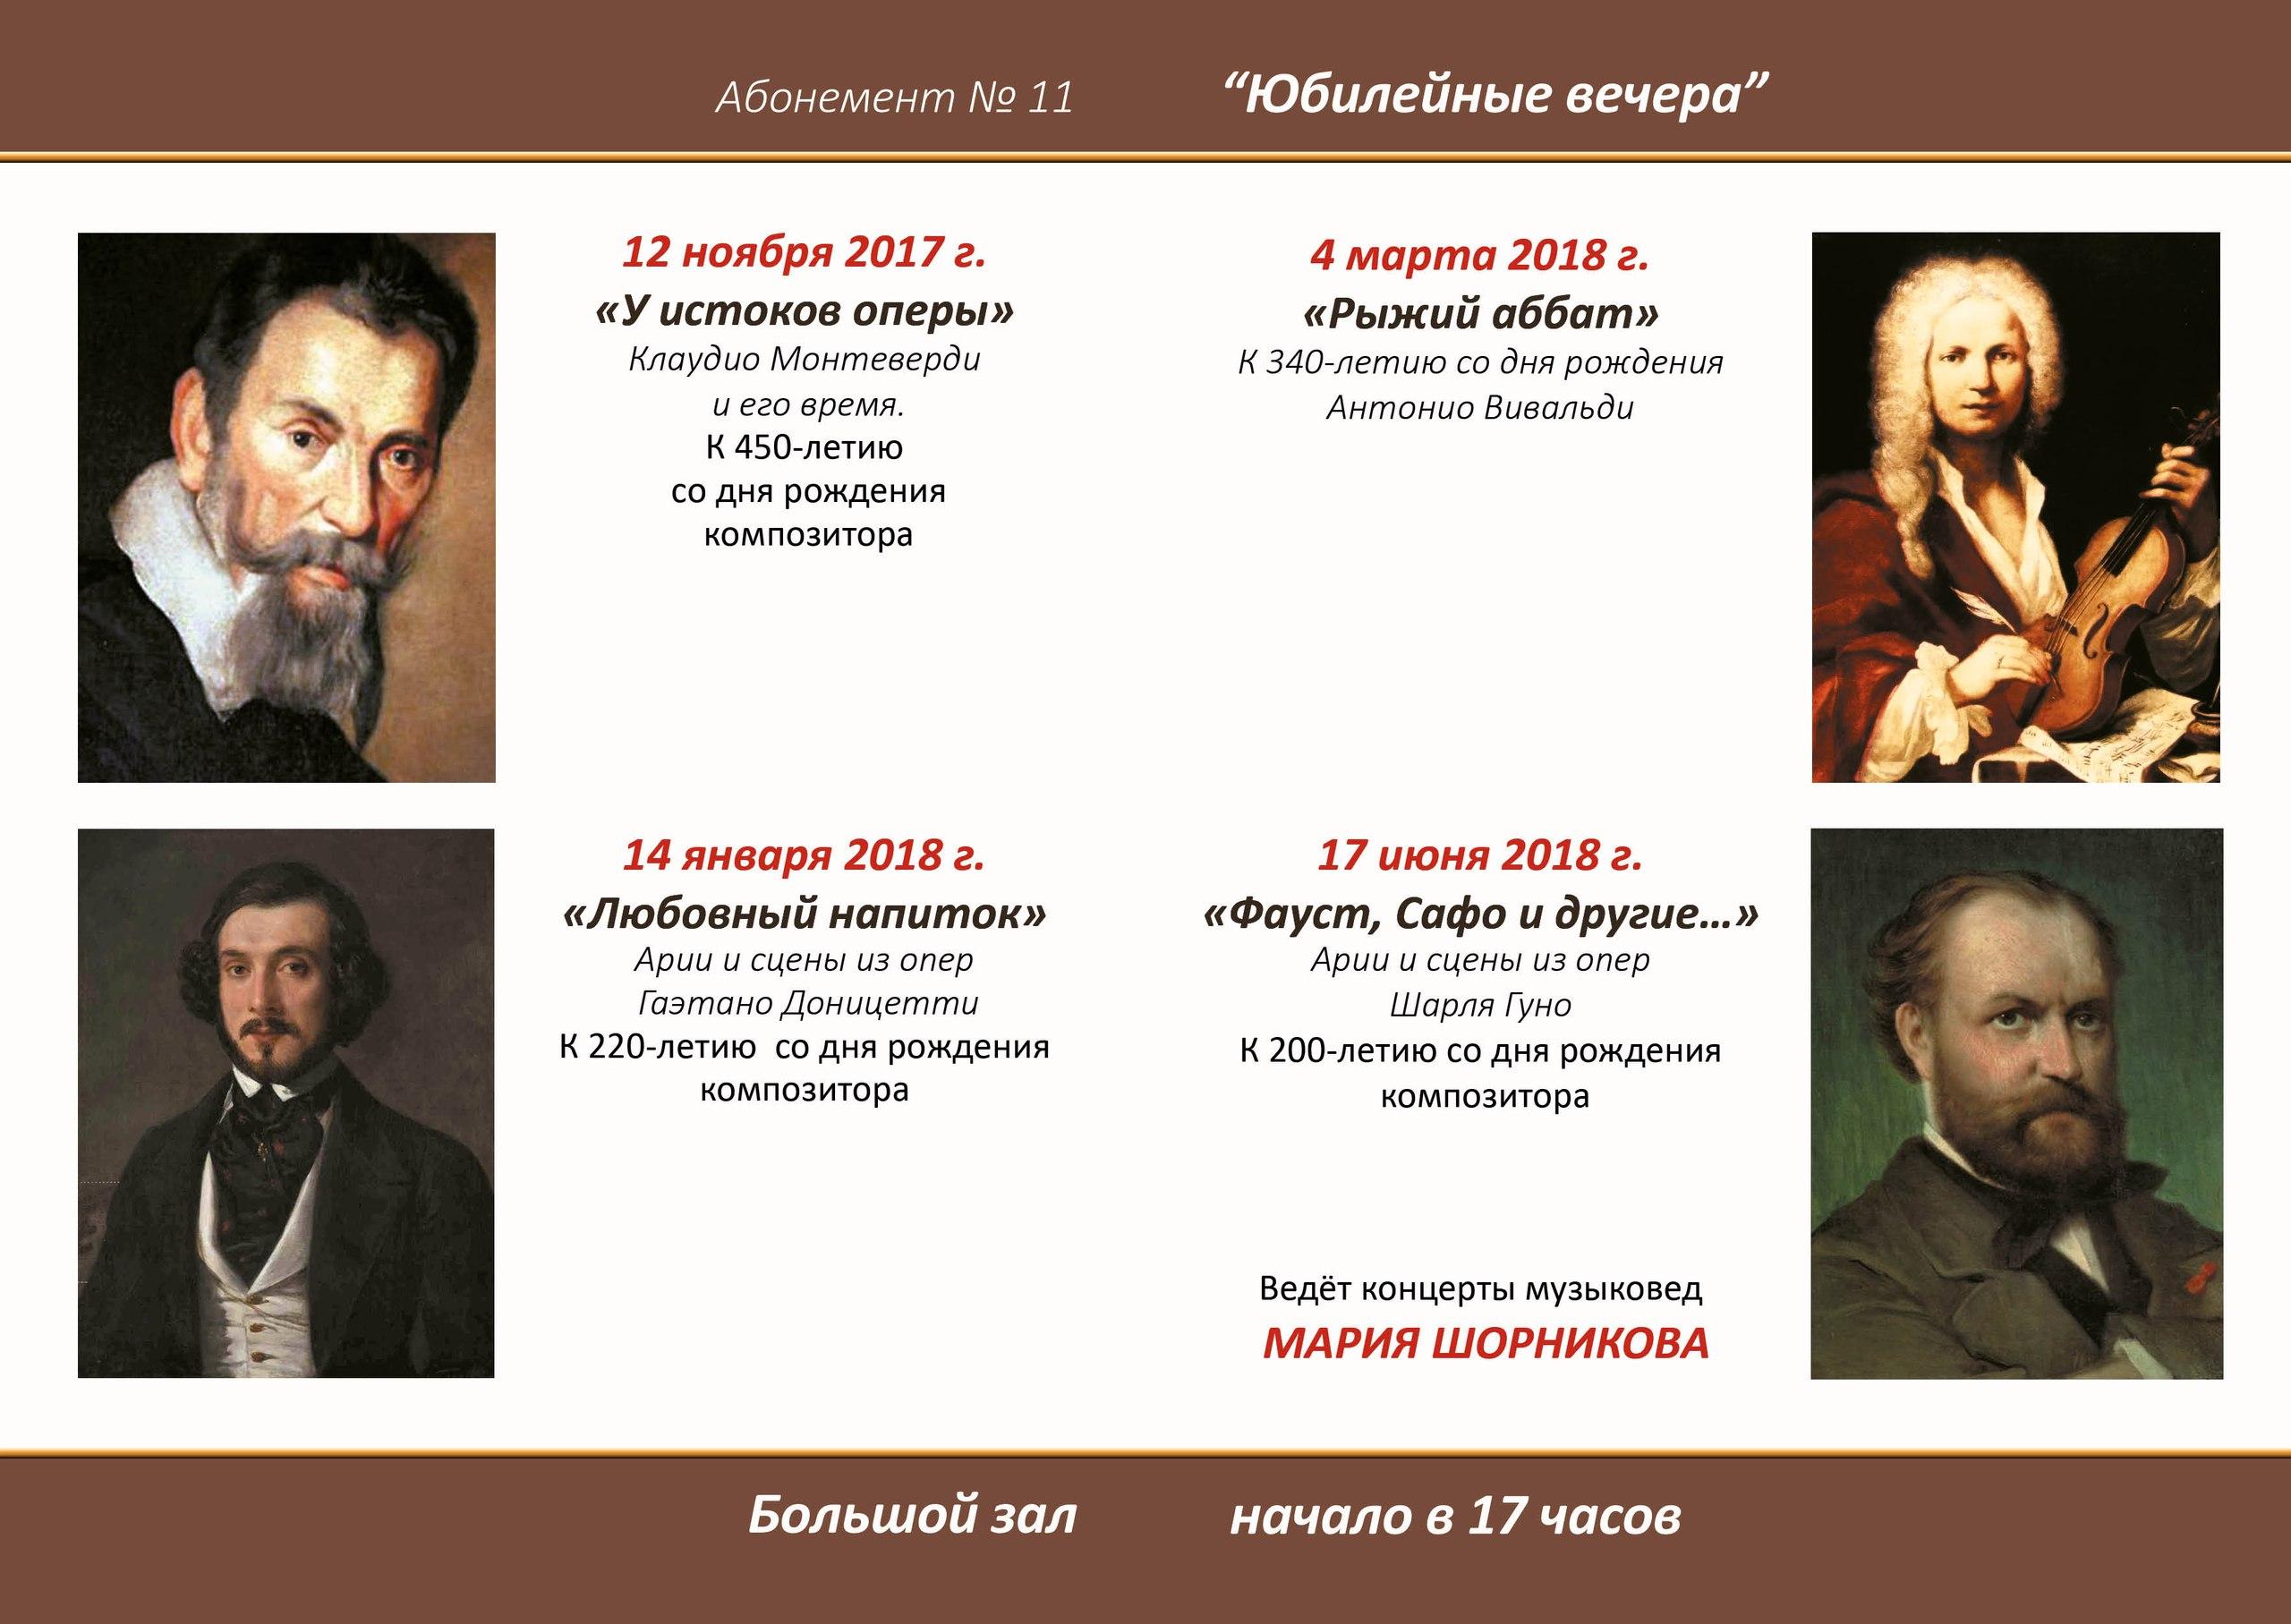 Юбилеи композиторов в 2018 году | список